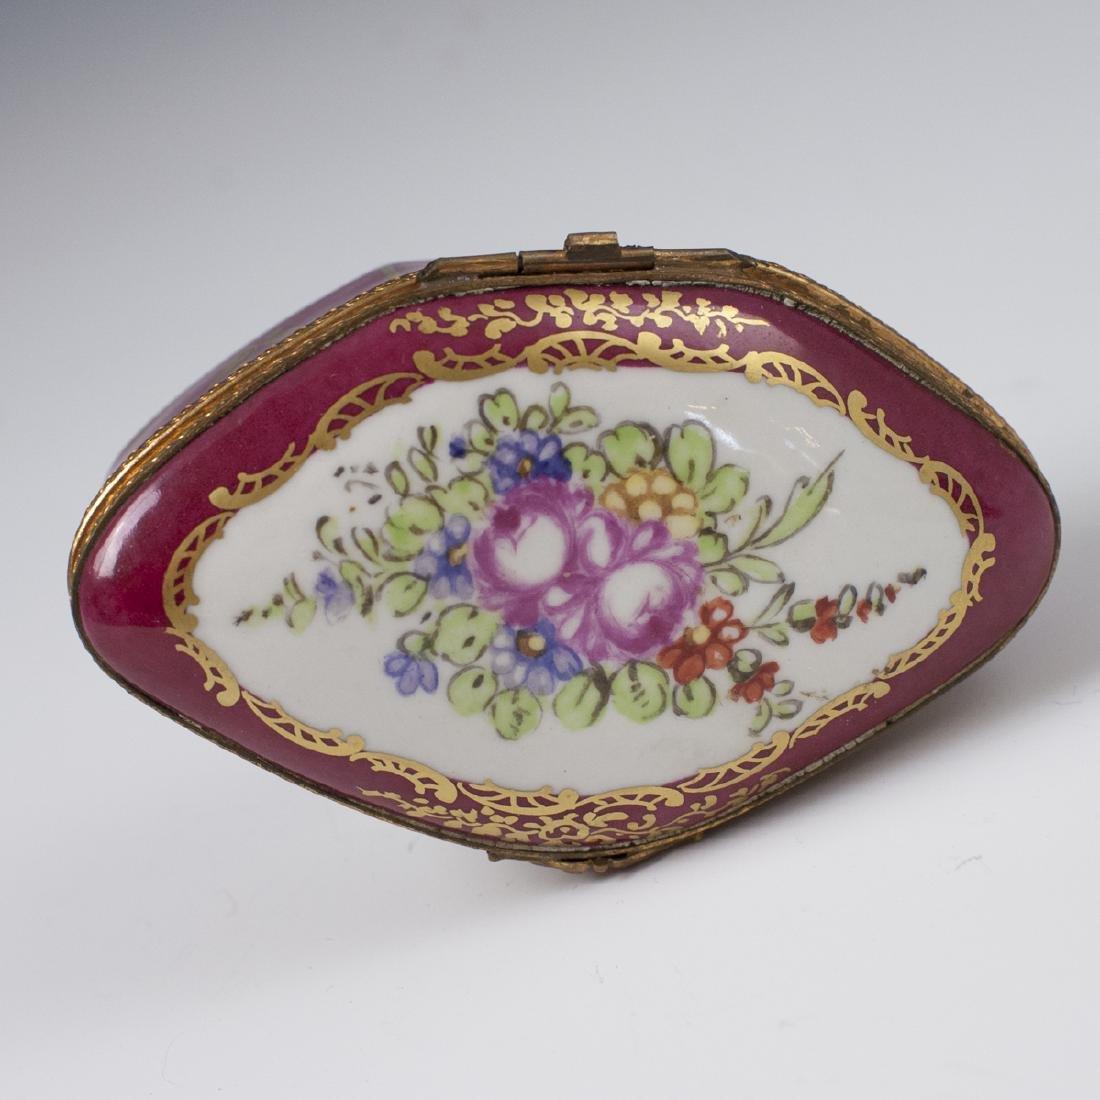 Limoges Sevres Style Porcelain Trinket Box - 2